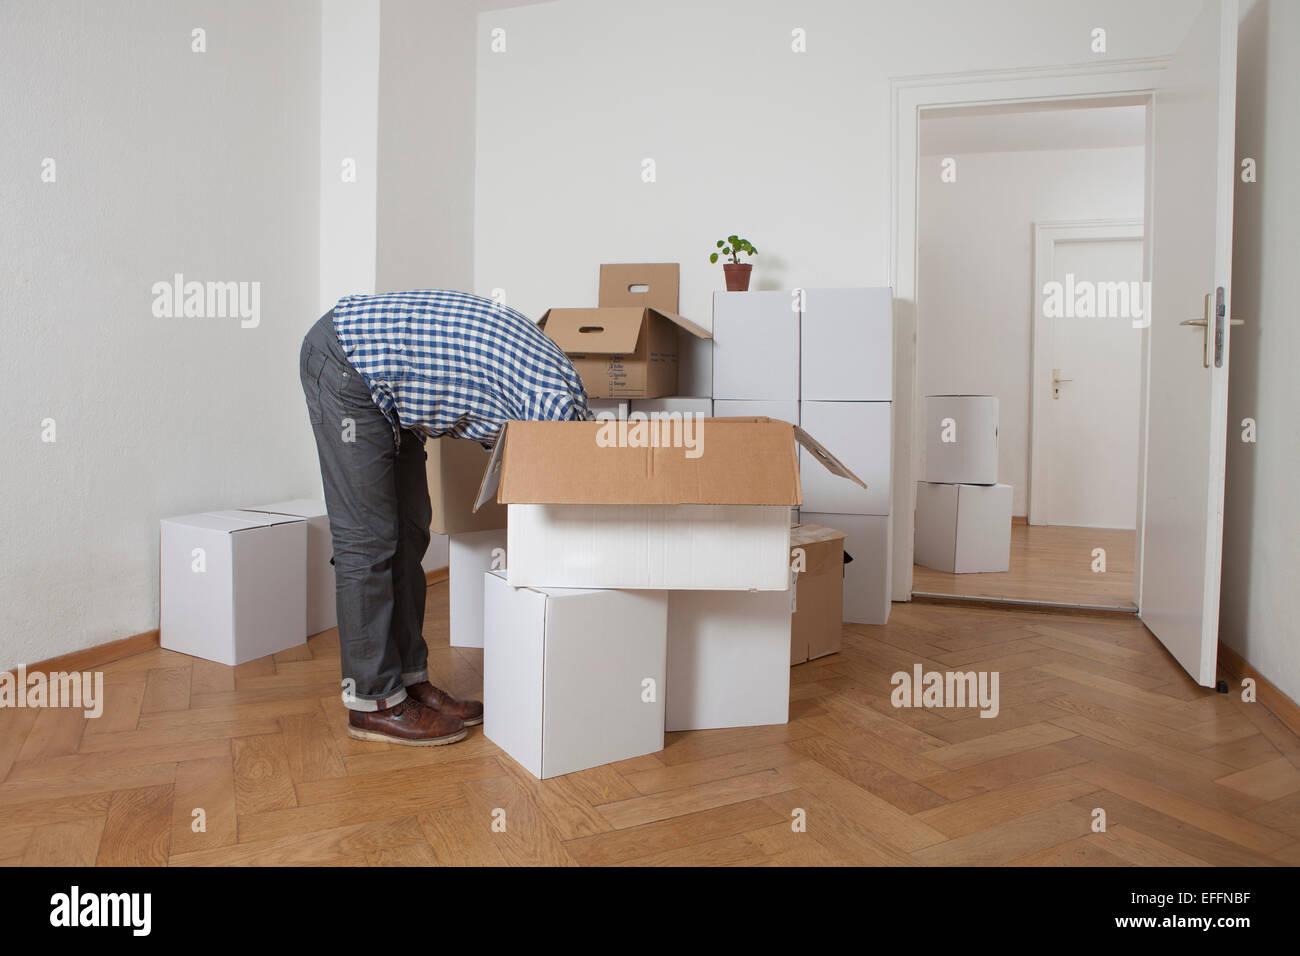 El hombre busca la cabeza primero en caja de cartón Imagen De Stock